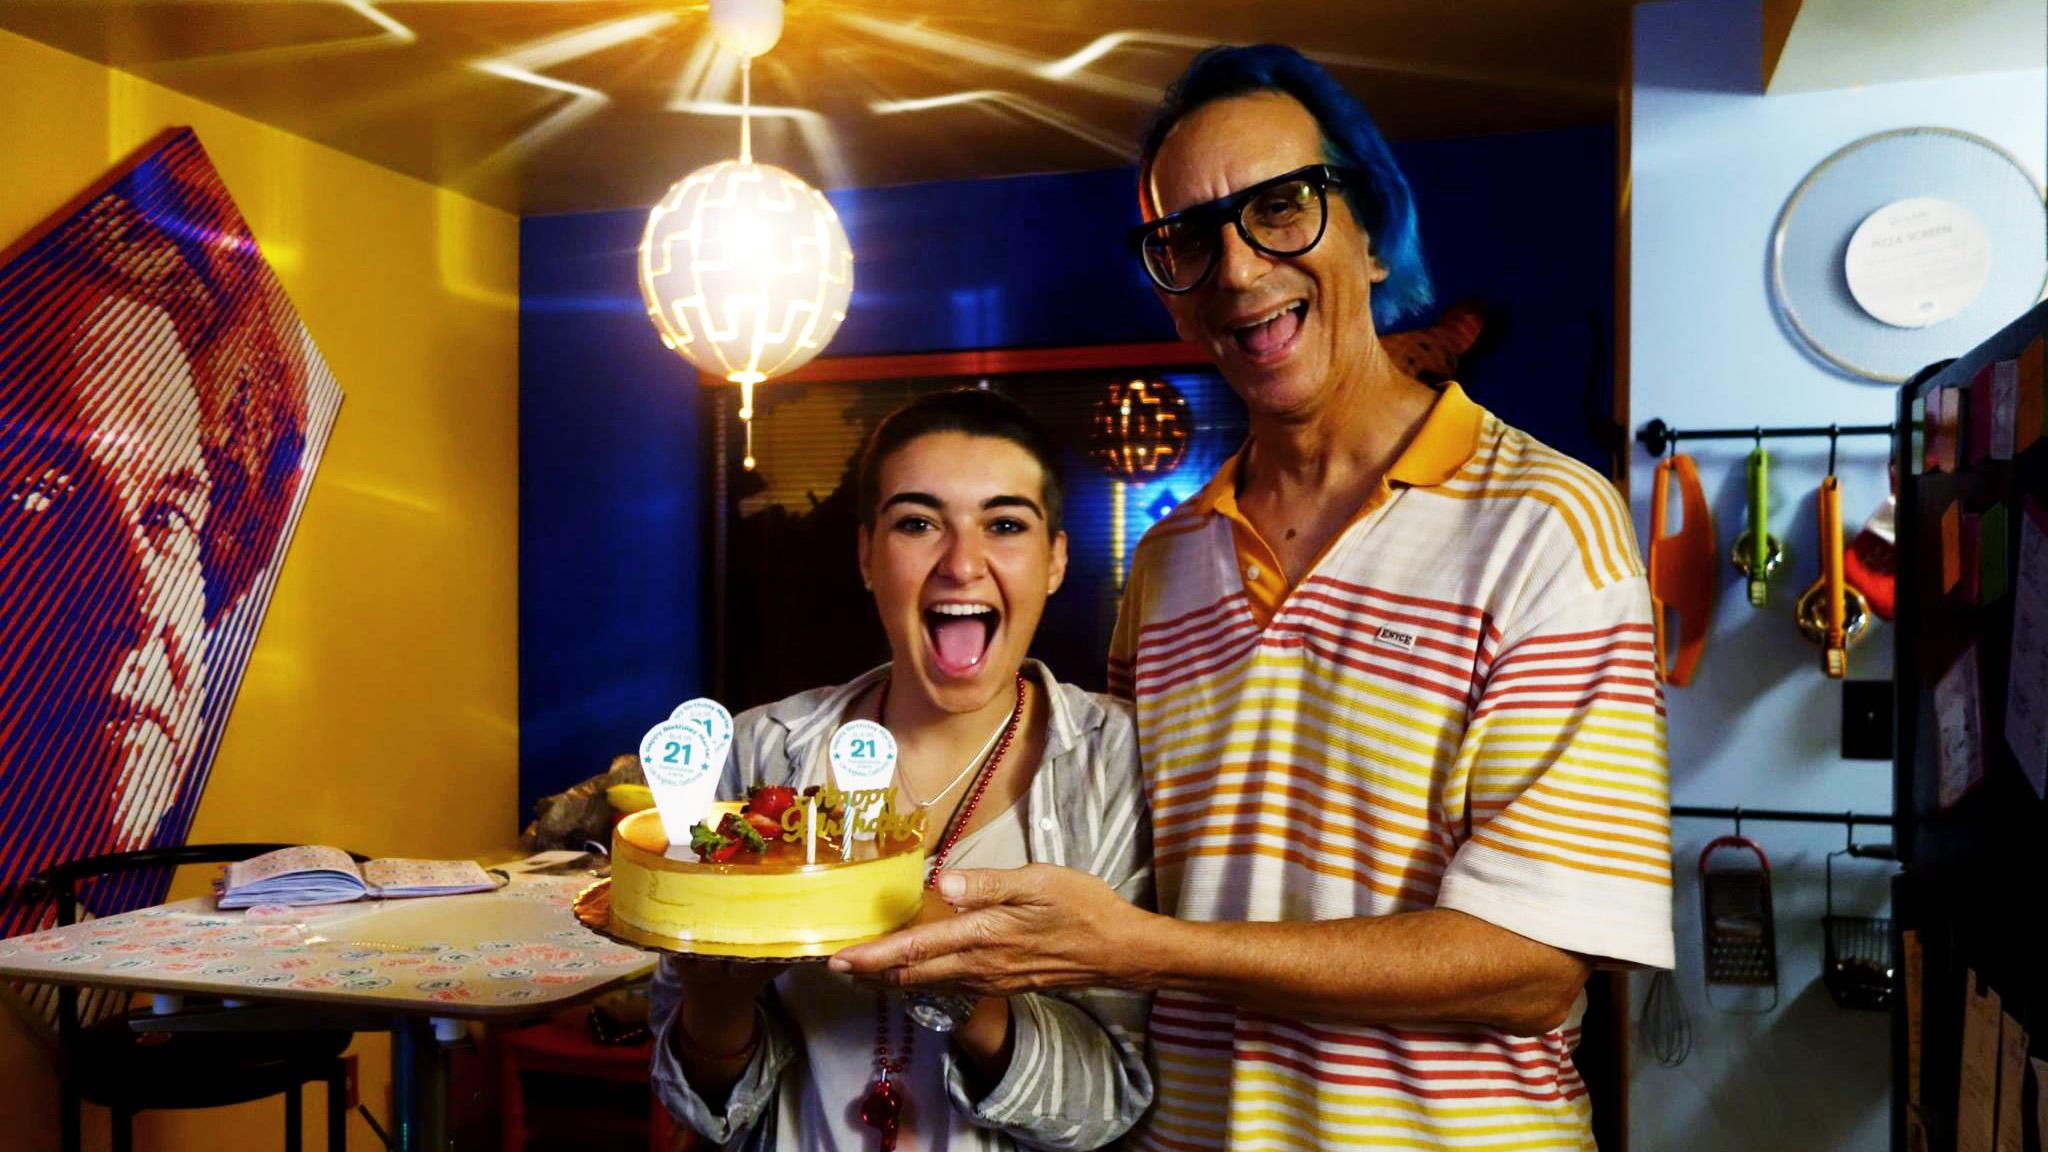 Marta Troya & Glenn Zucman holding Marta's birthday cake